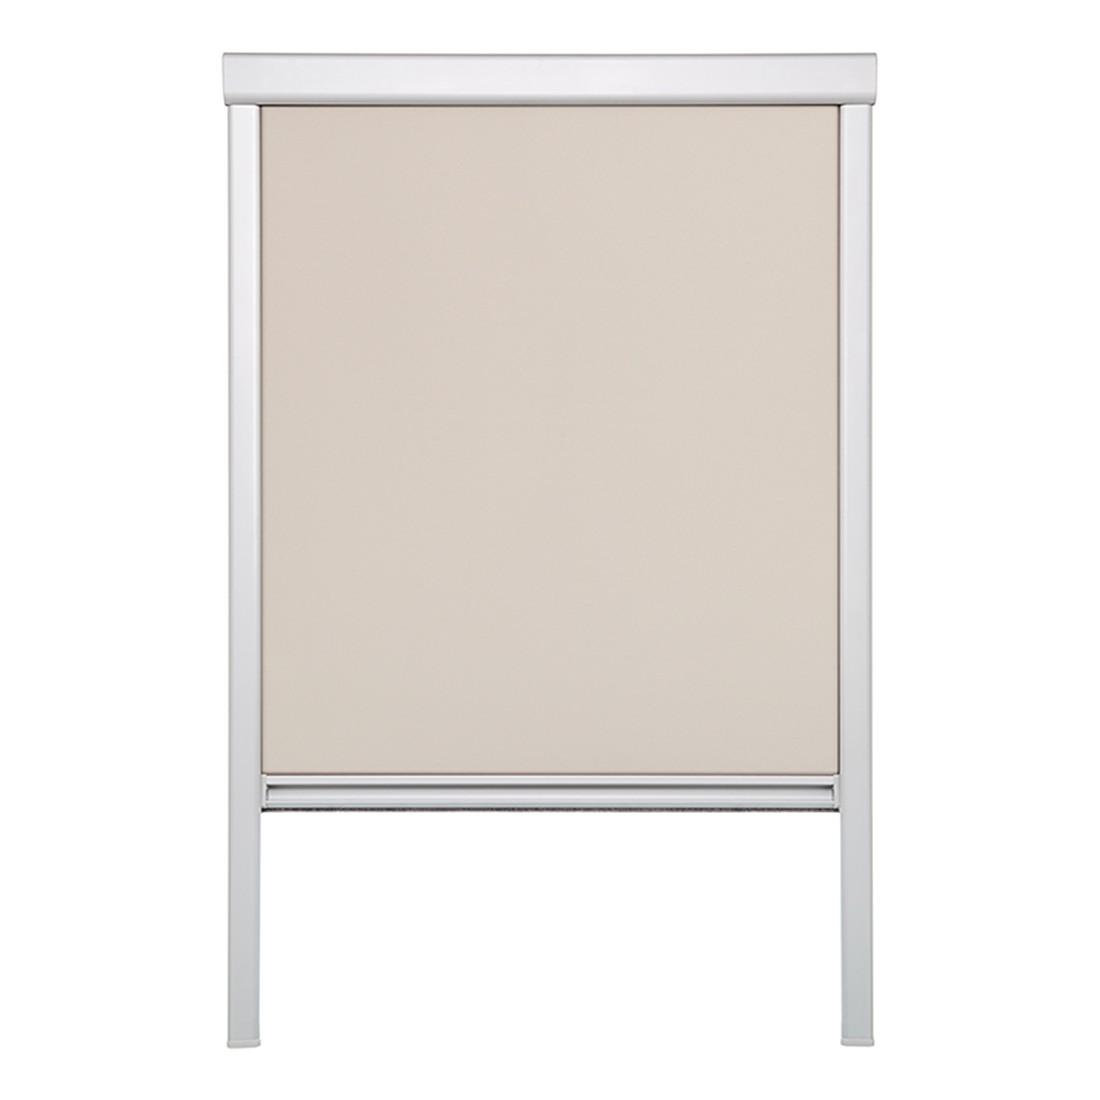 Dachfensterrollo Skylight III - Webstoff - Beige - 38,3 x 54 cm, Lichtblick